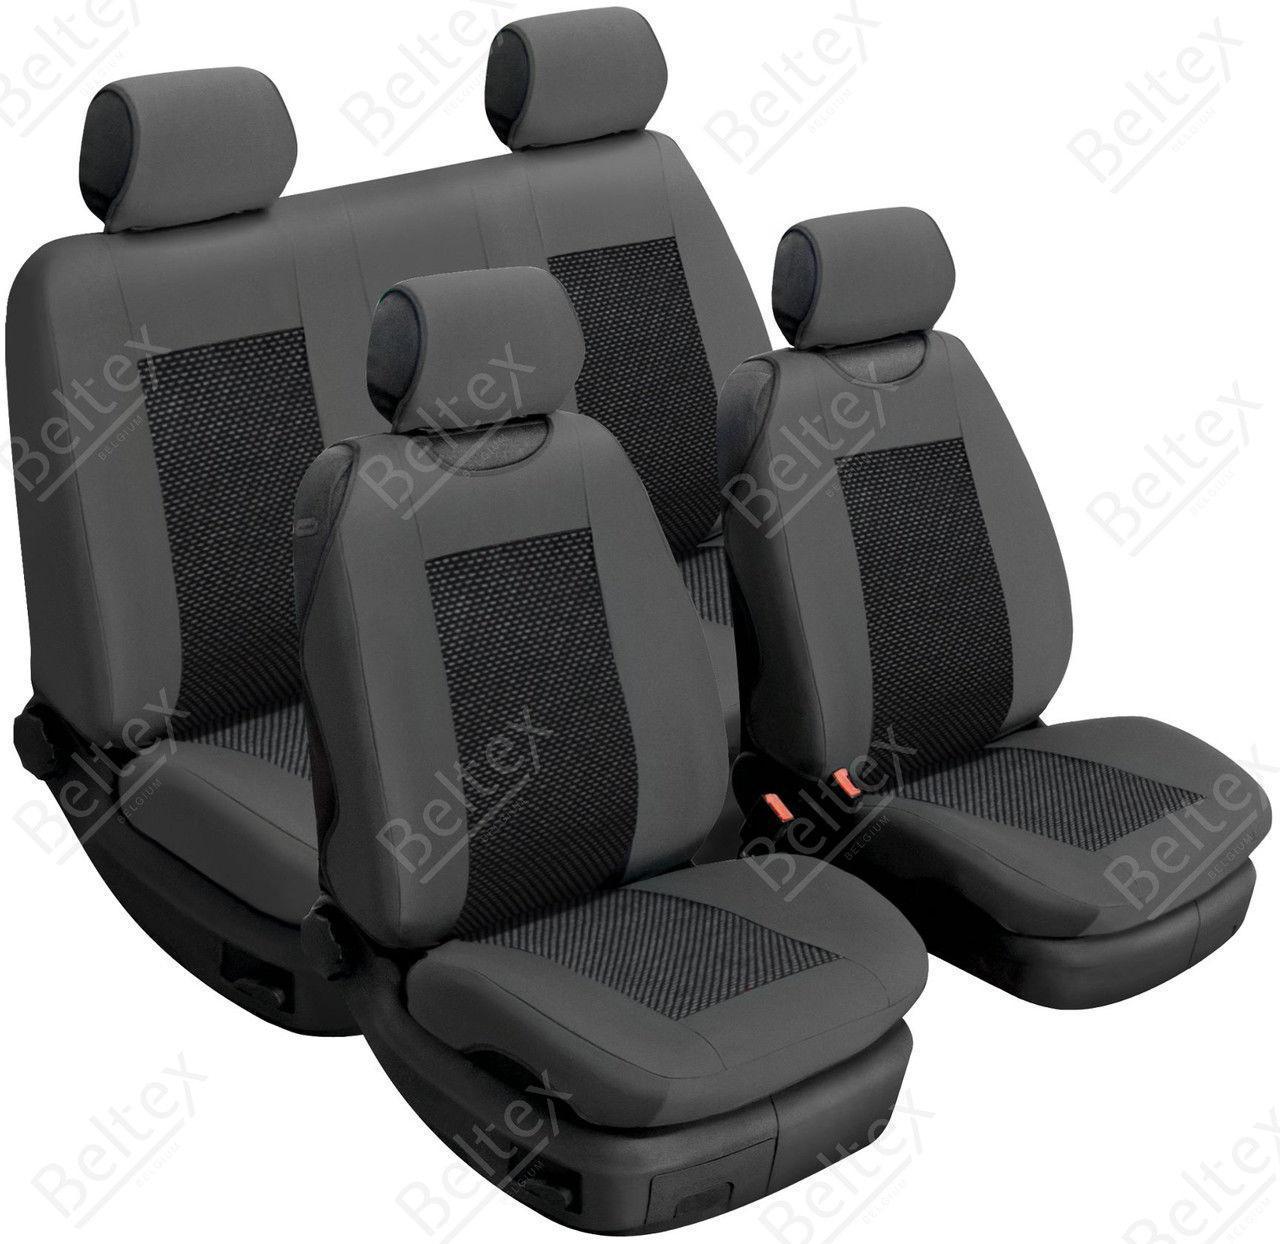 Майки/чехлы на сиденья ВАЗ 2111 (VAZ 2111)